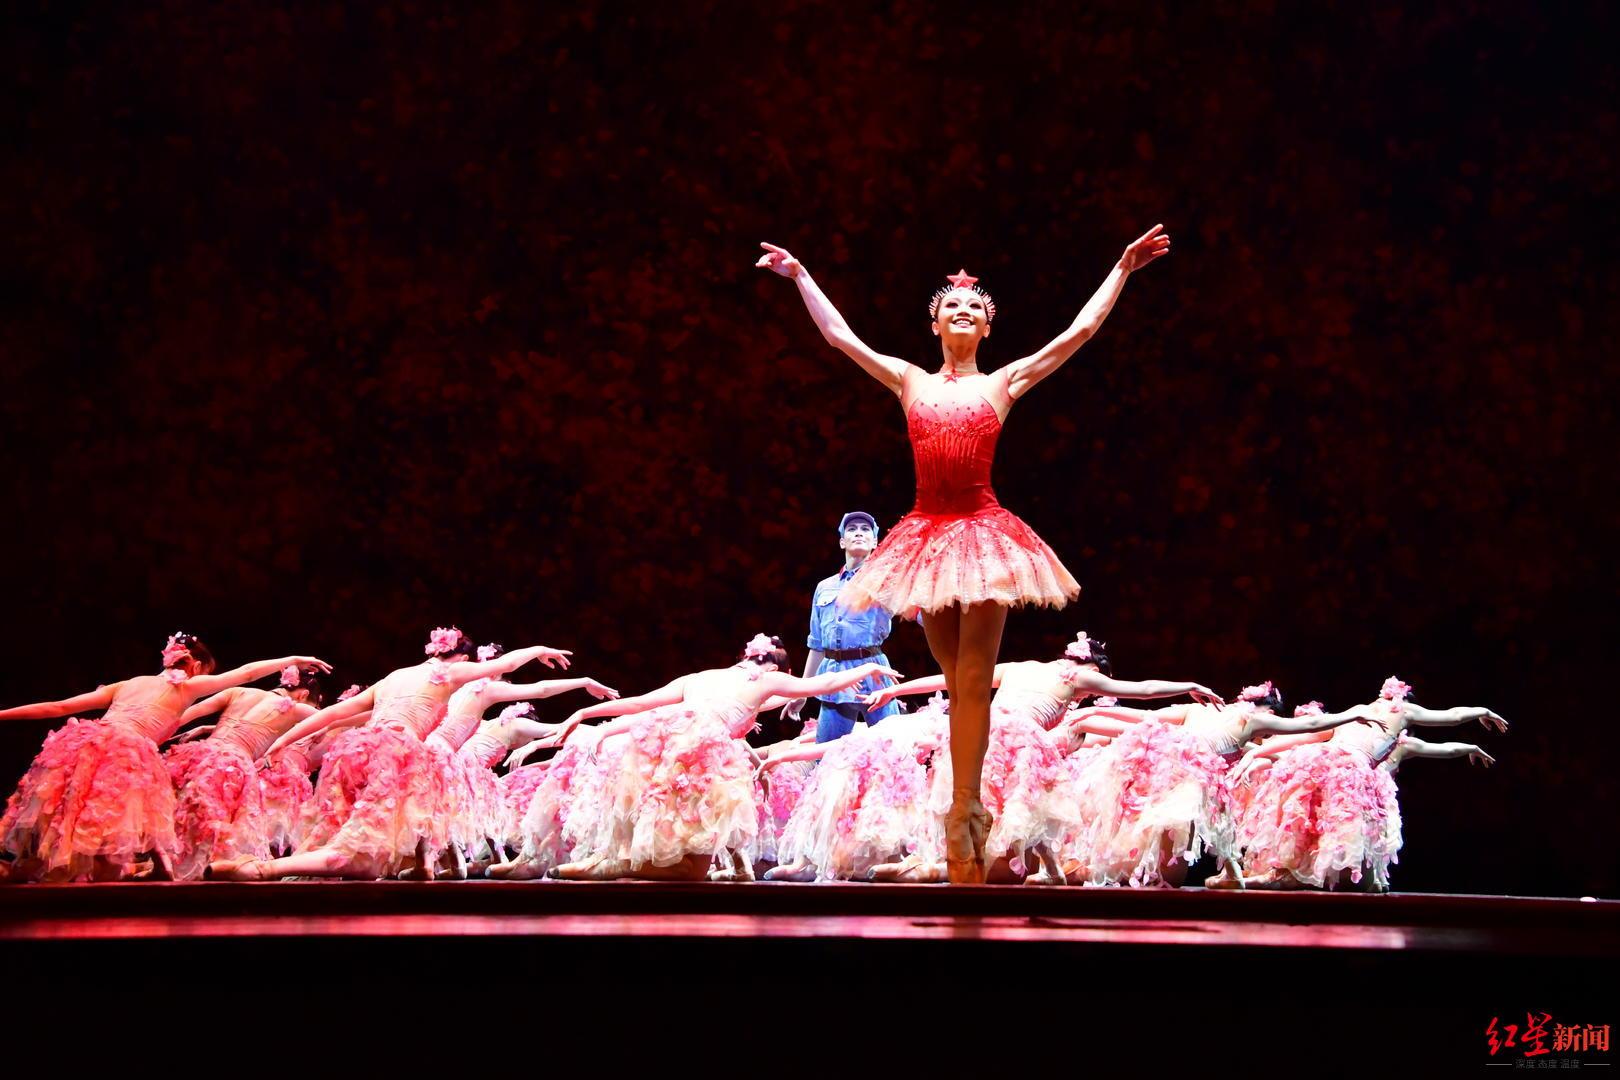 芭蕾舞剧《闪闪的红星》今晚蓉城上演 全新视角演绎红色经典故事